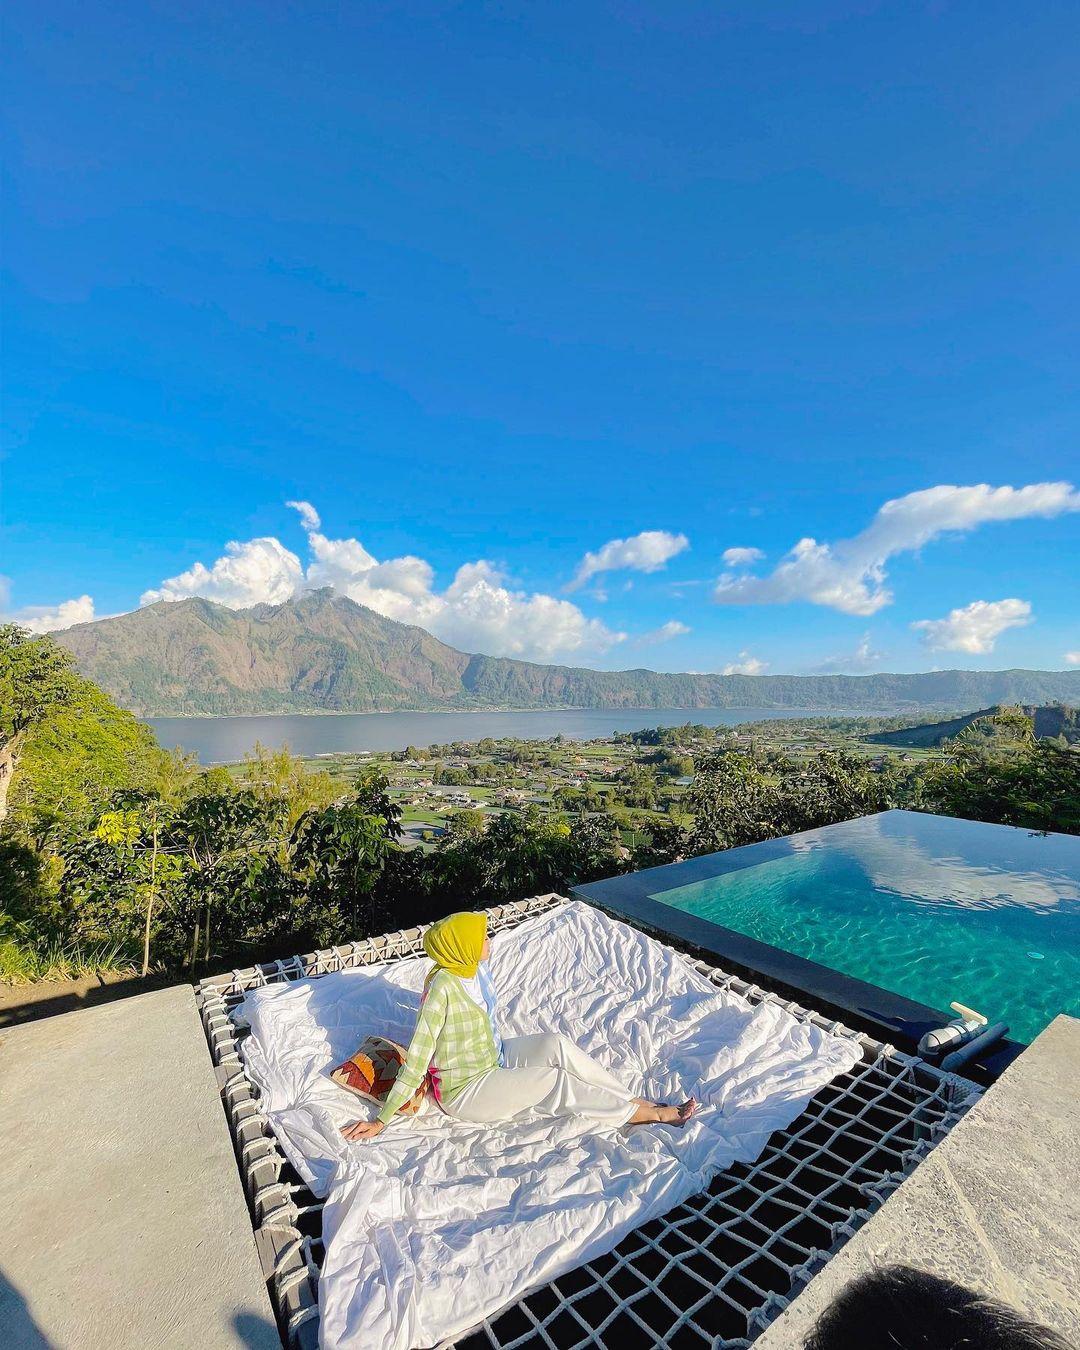 Kolam Renang Sunrise Hill Camp Bali Image From @inkanaswal